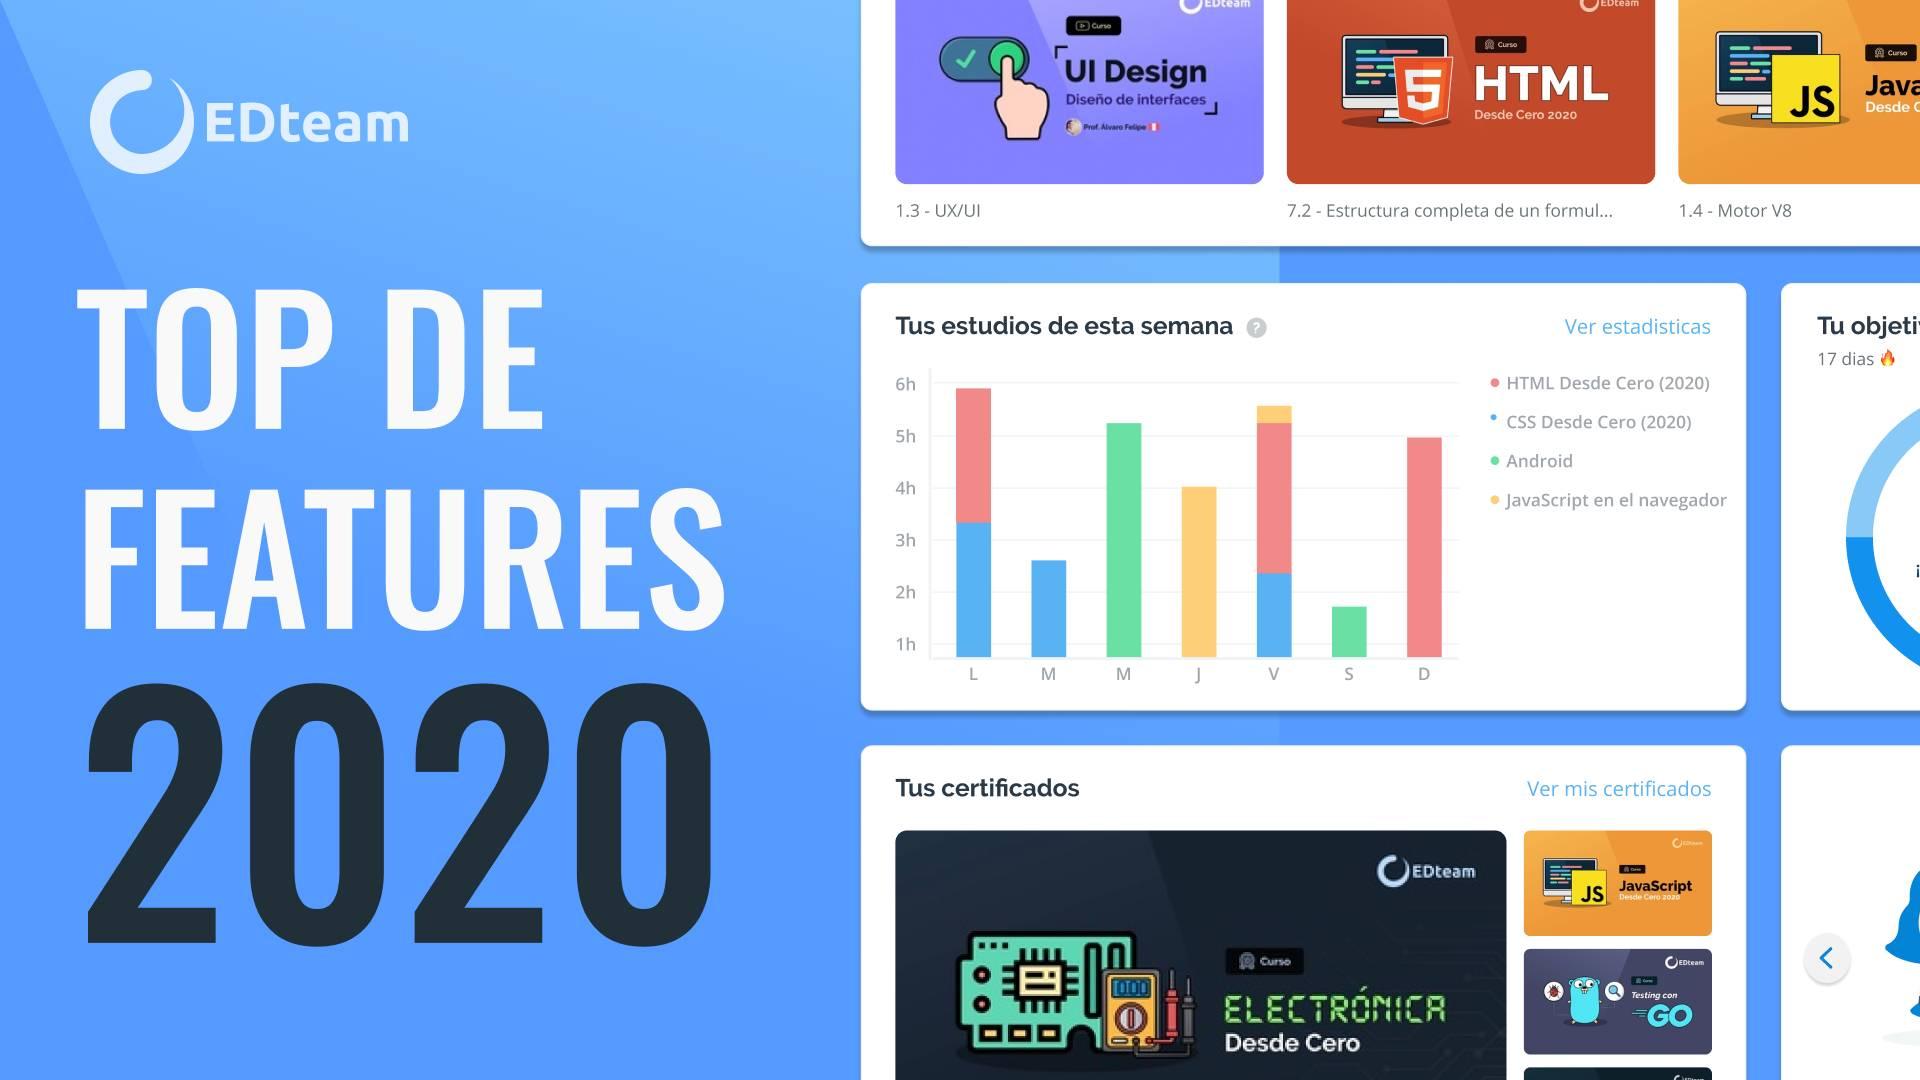 Novedades en la plataforma de EDteam - Edición 2020